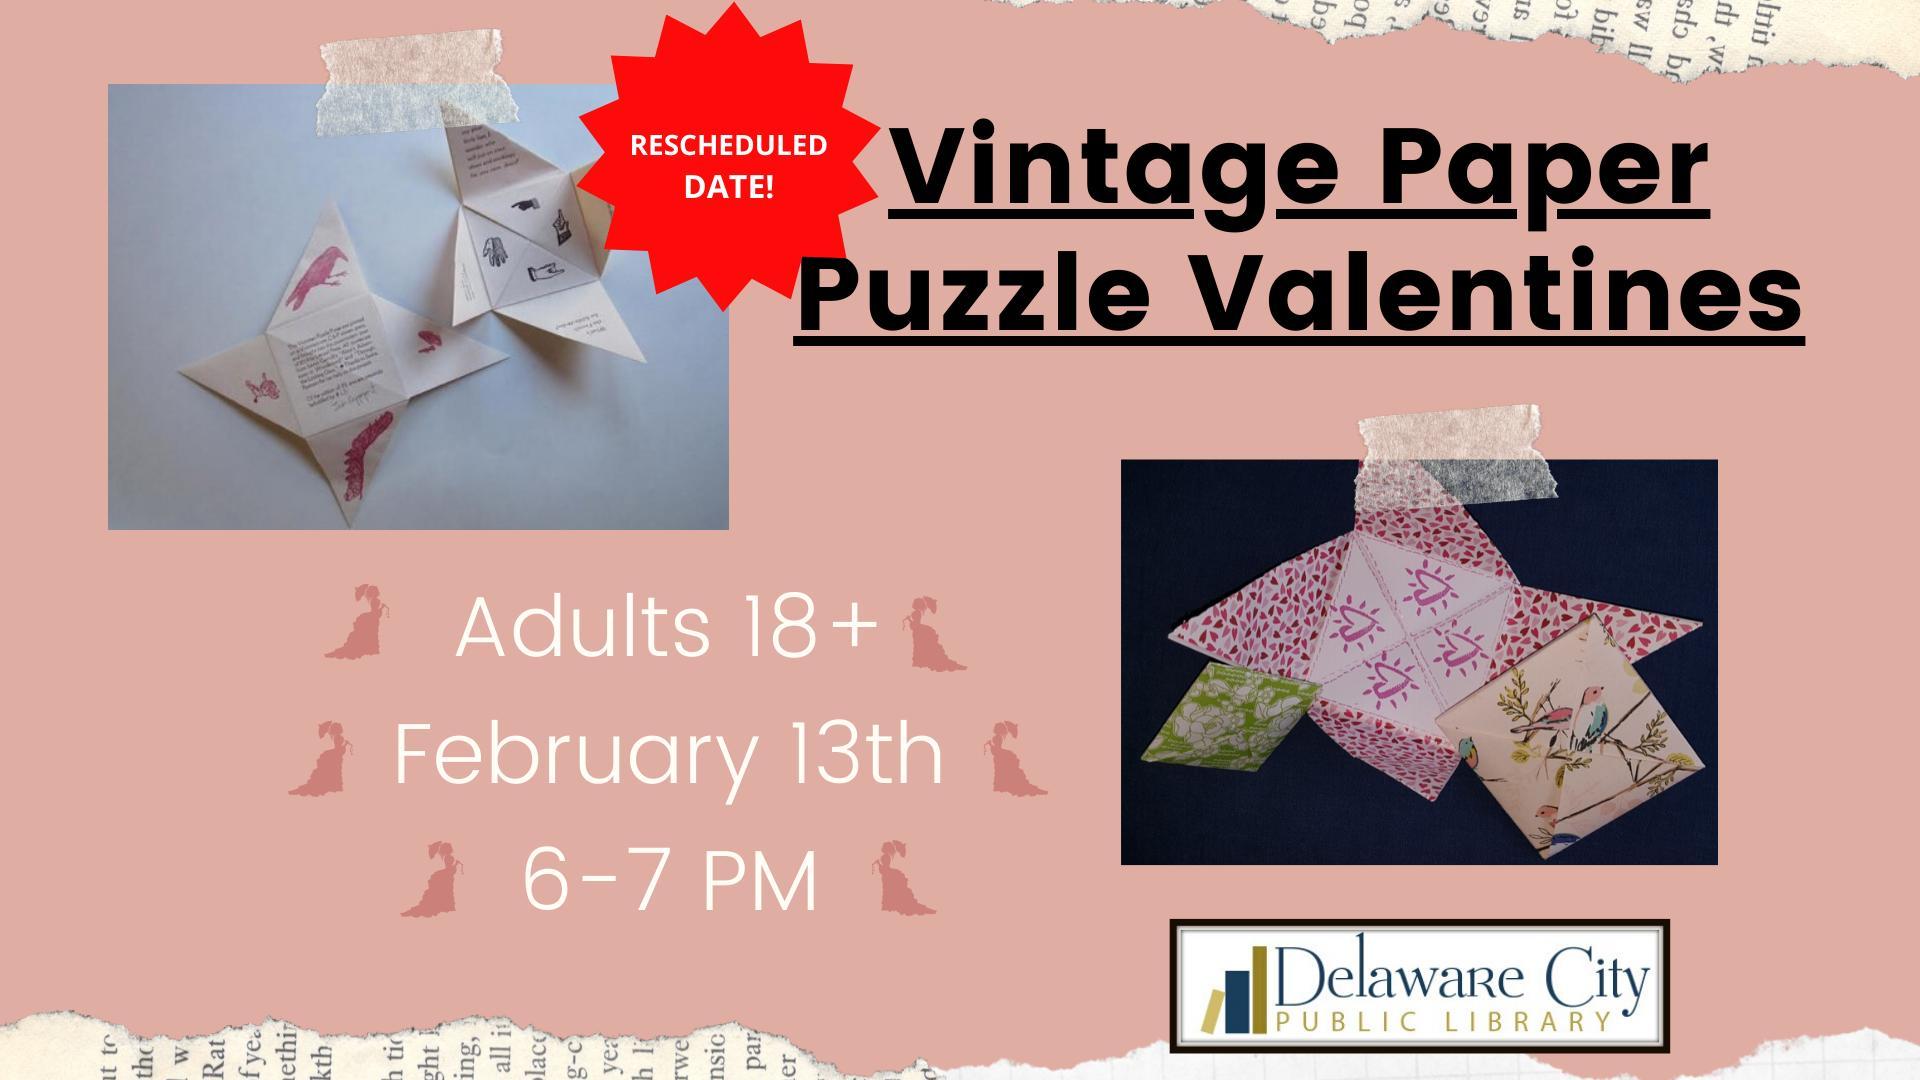 Vintage Paper Puzzle Valentines